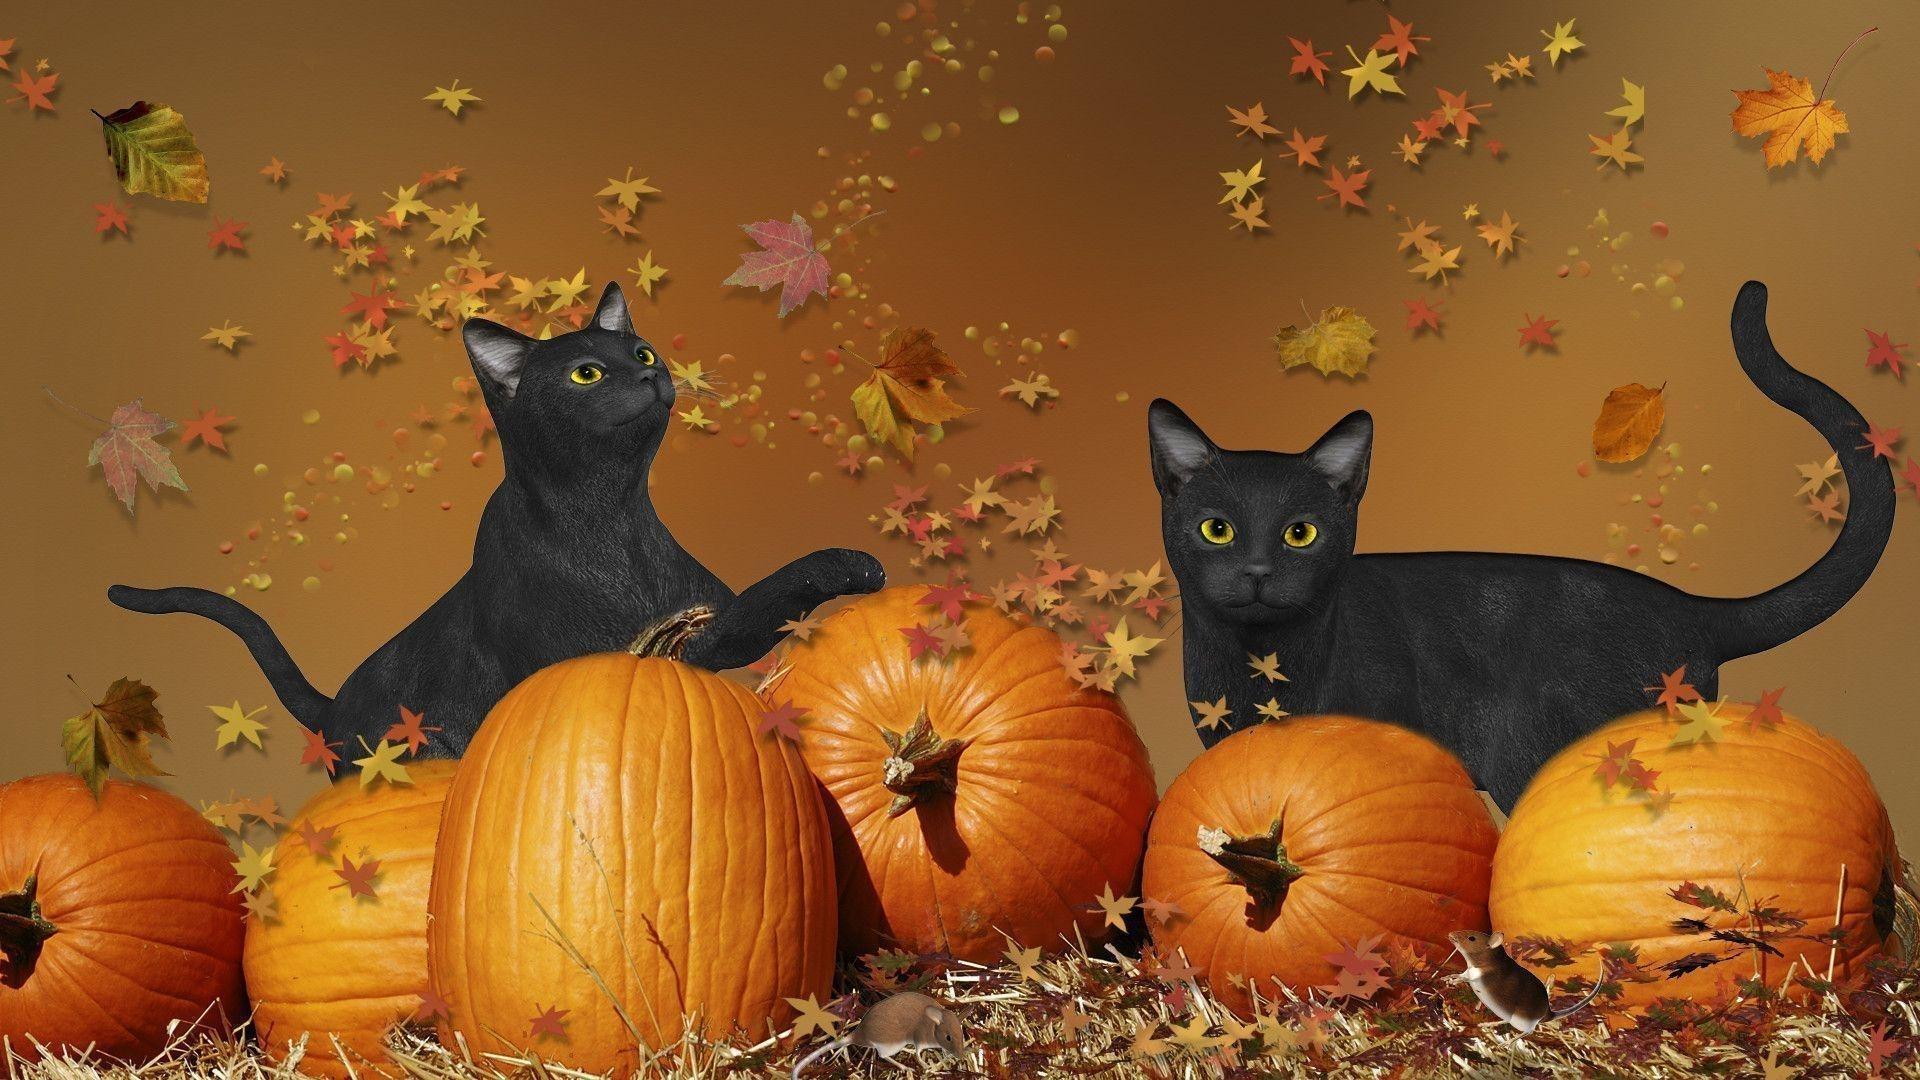 halloween cat wallpapers - wallpaper cave